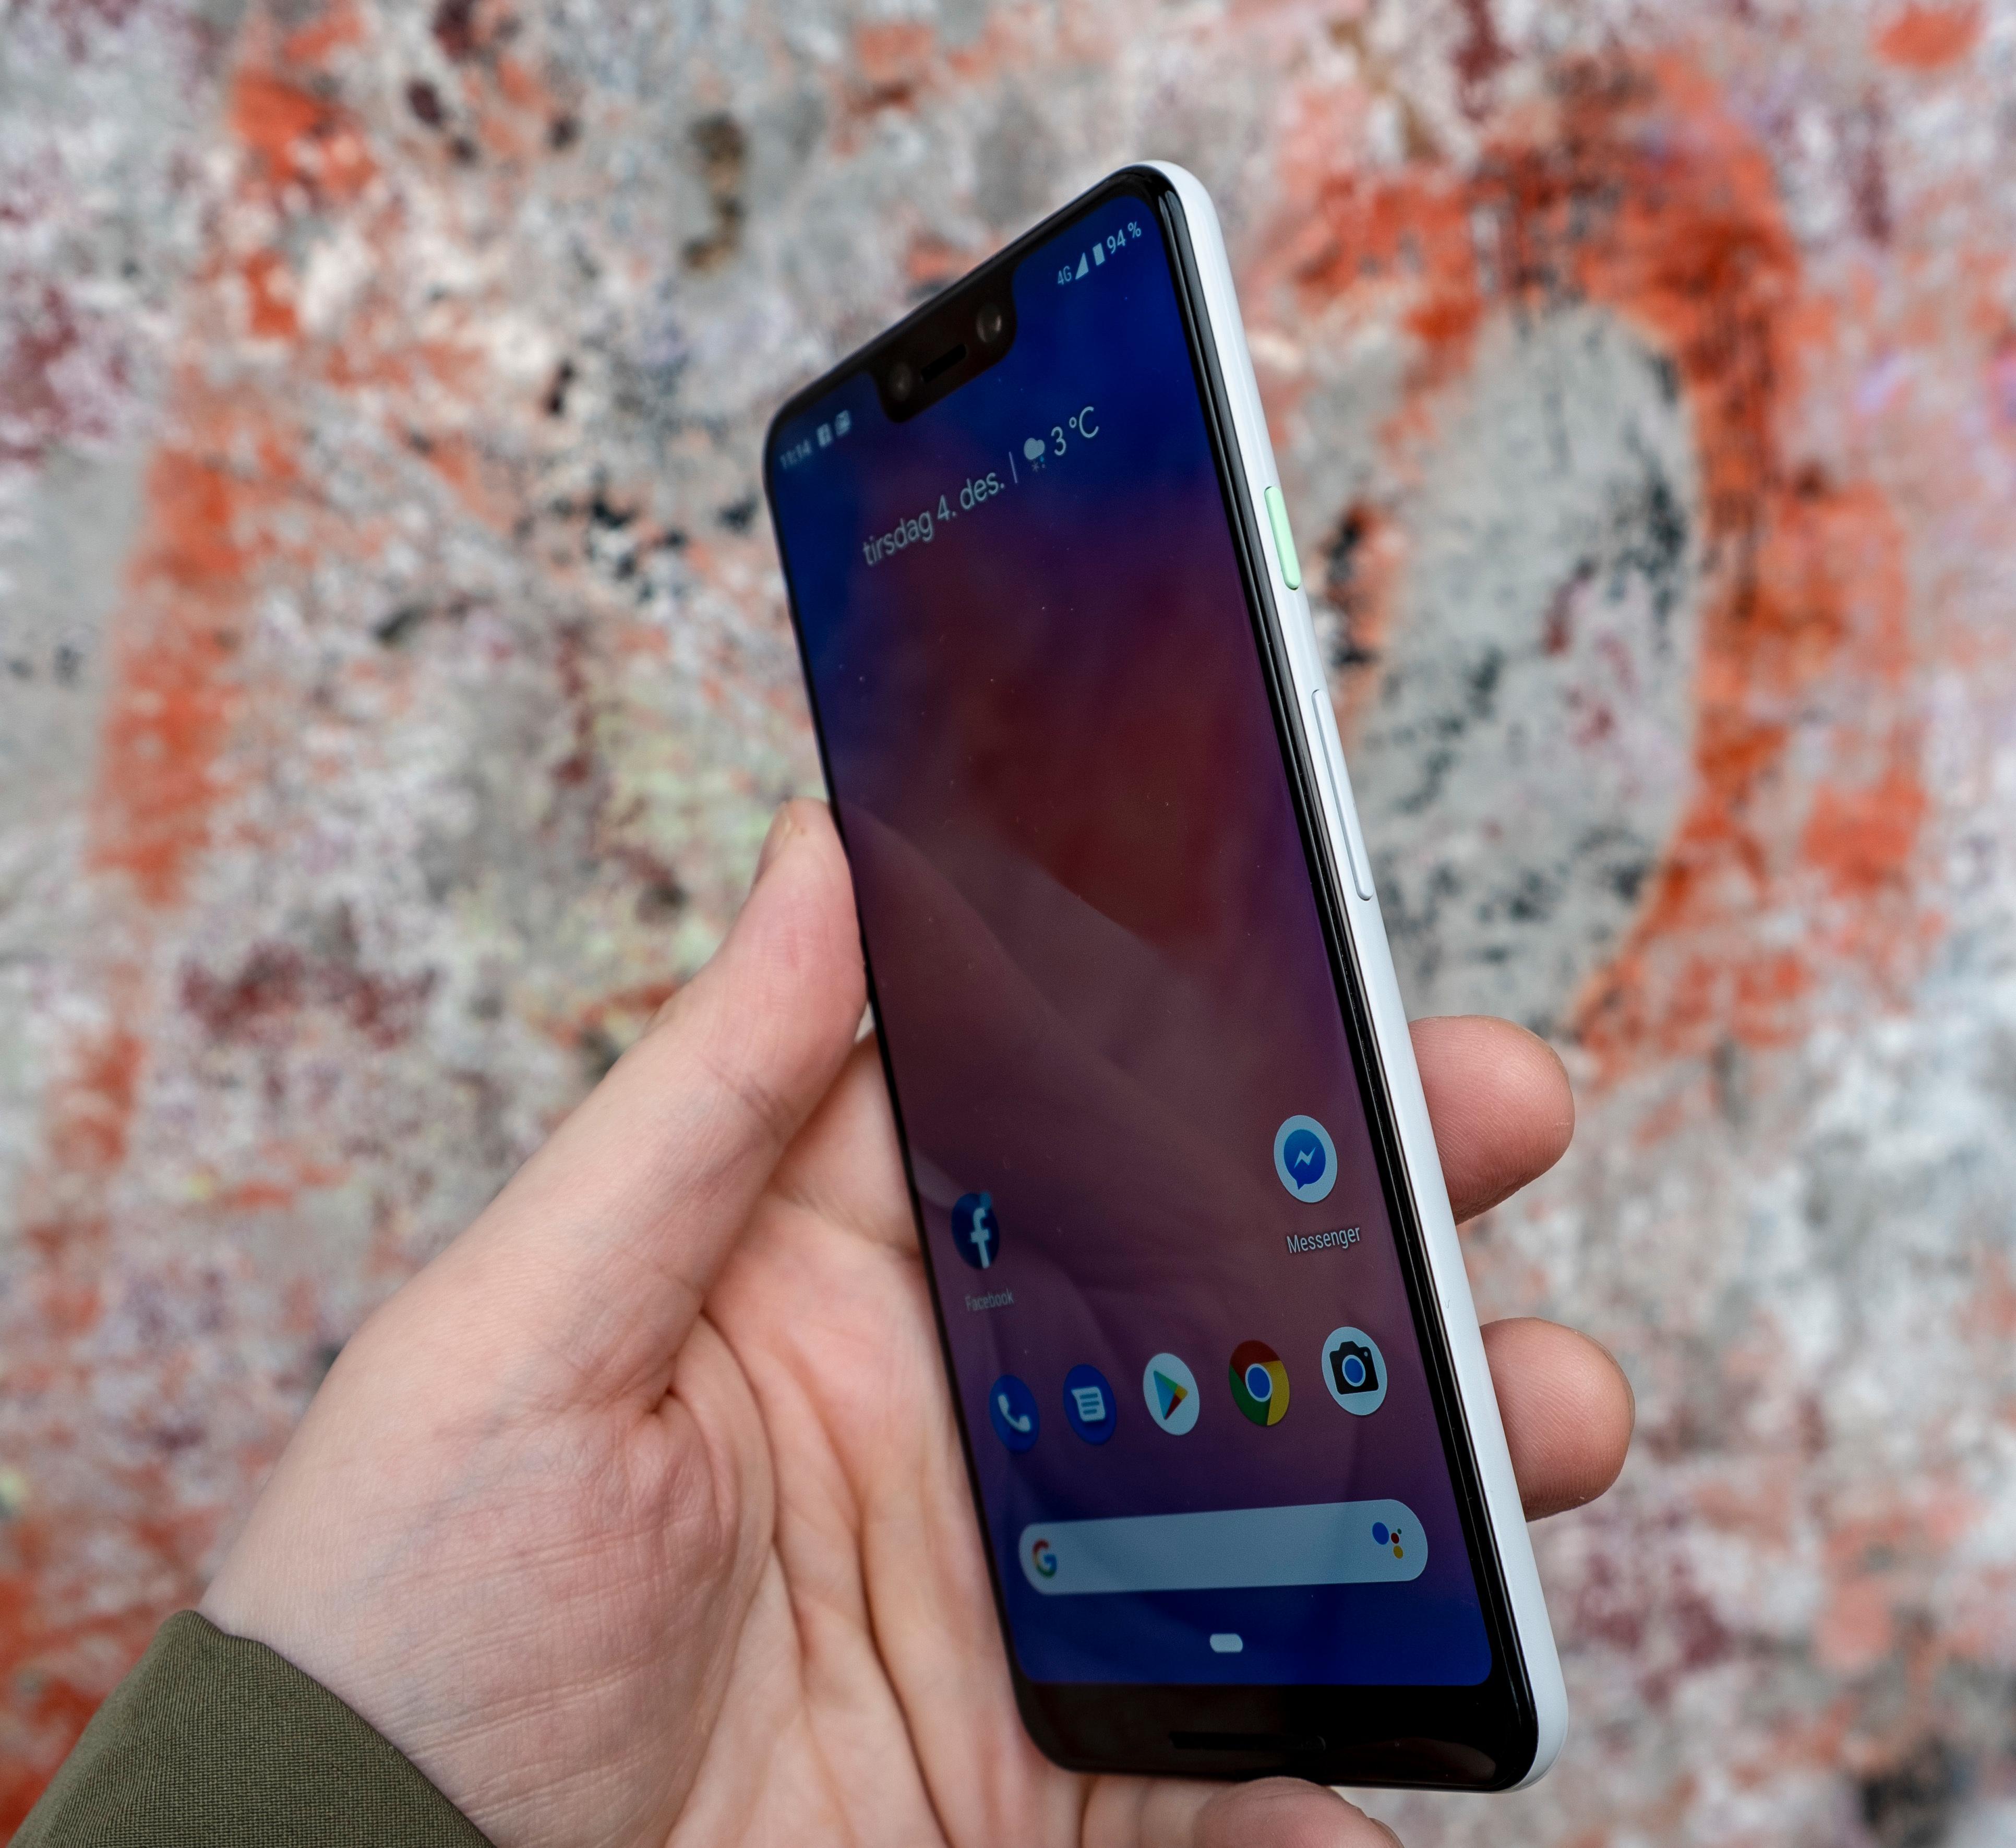 En grønn knapp, svart front og hvit bakside. Pixel 3 XL er litt sprek og litt kjedelig samtidig. Men sammenliknet med de graderte glassbaksidene fra aktører som Huawei, Meizu og Samsung blir det litt kjedelig.